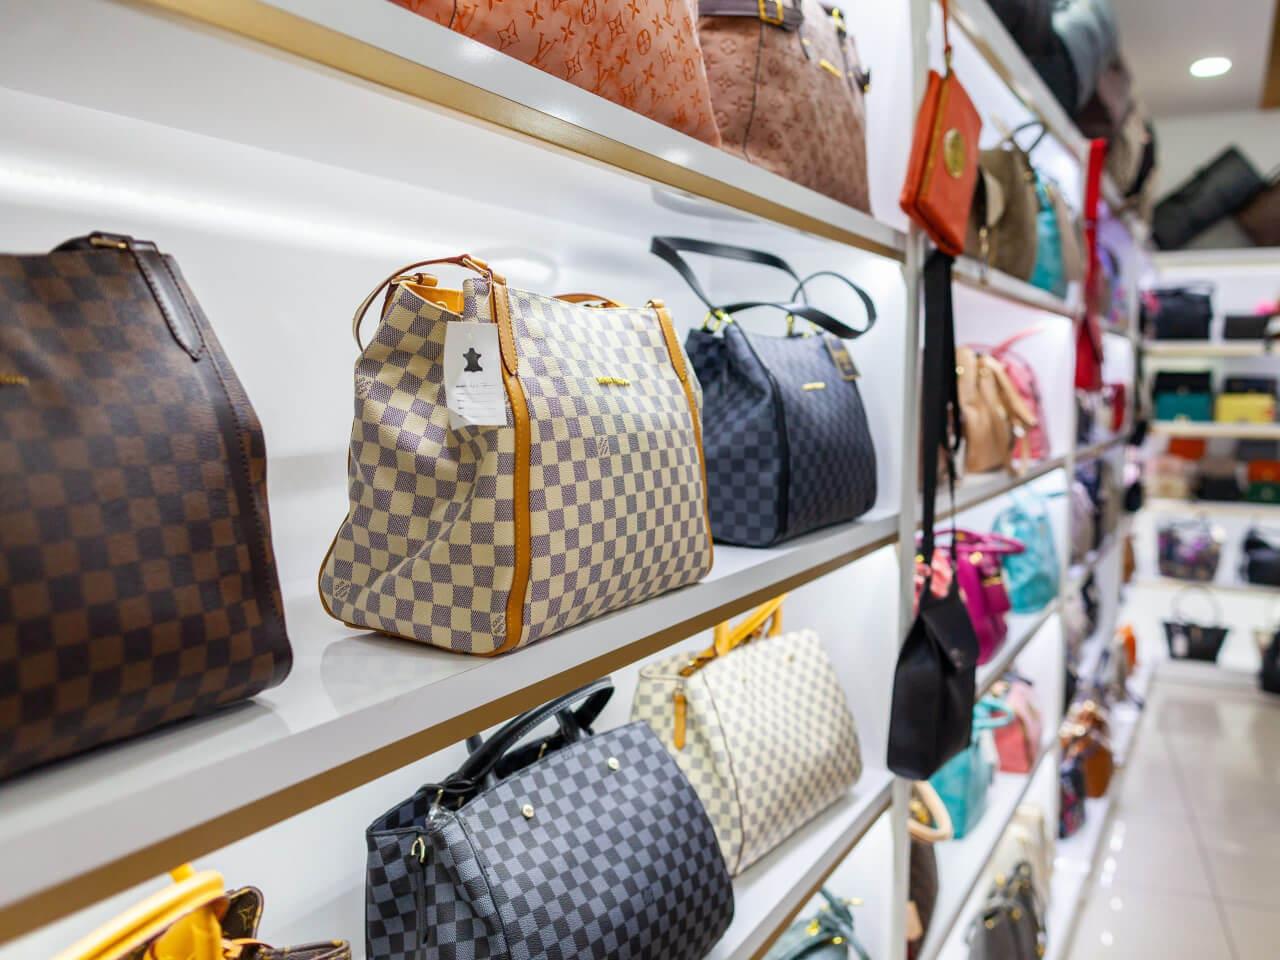 Originale o contraffatta Come riconoscere una borsa Louis Vuitton autentica da un'imitazione - Vuitton Store